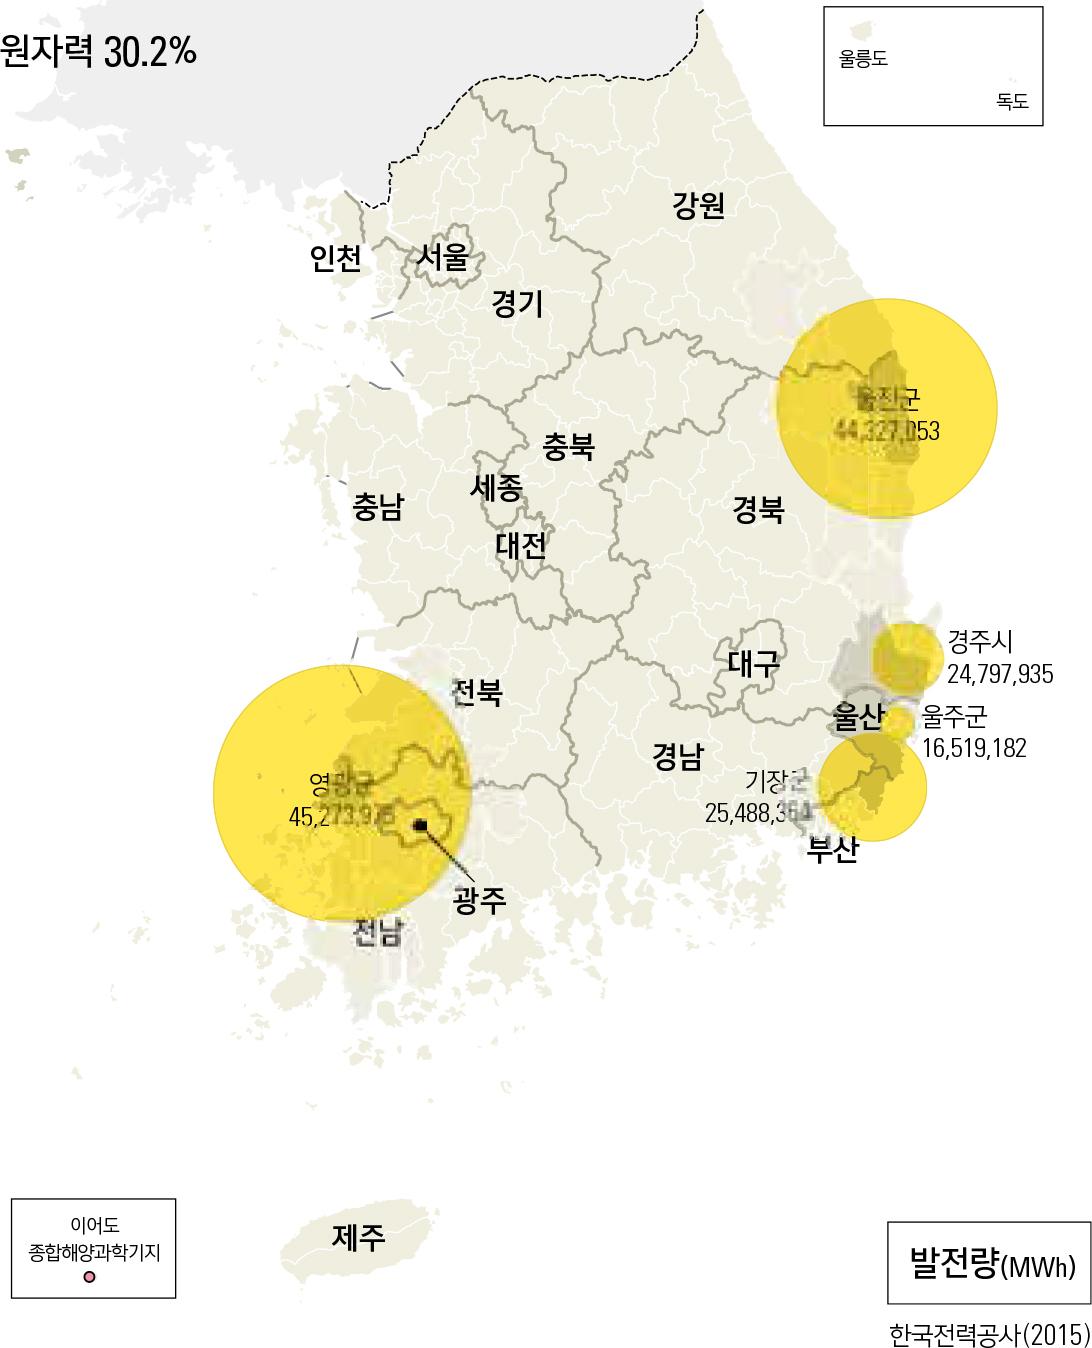 원자력 30.2%